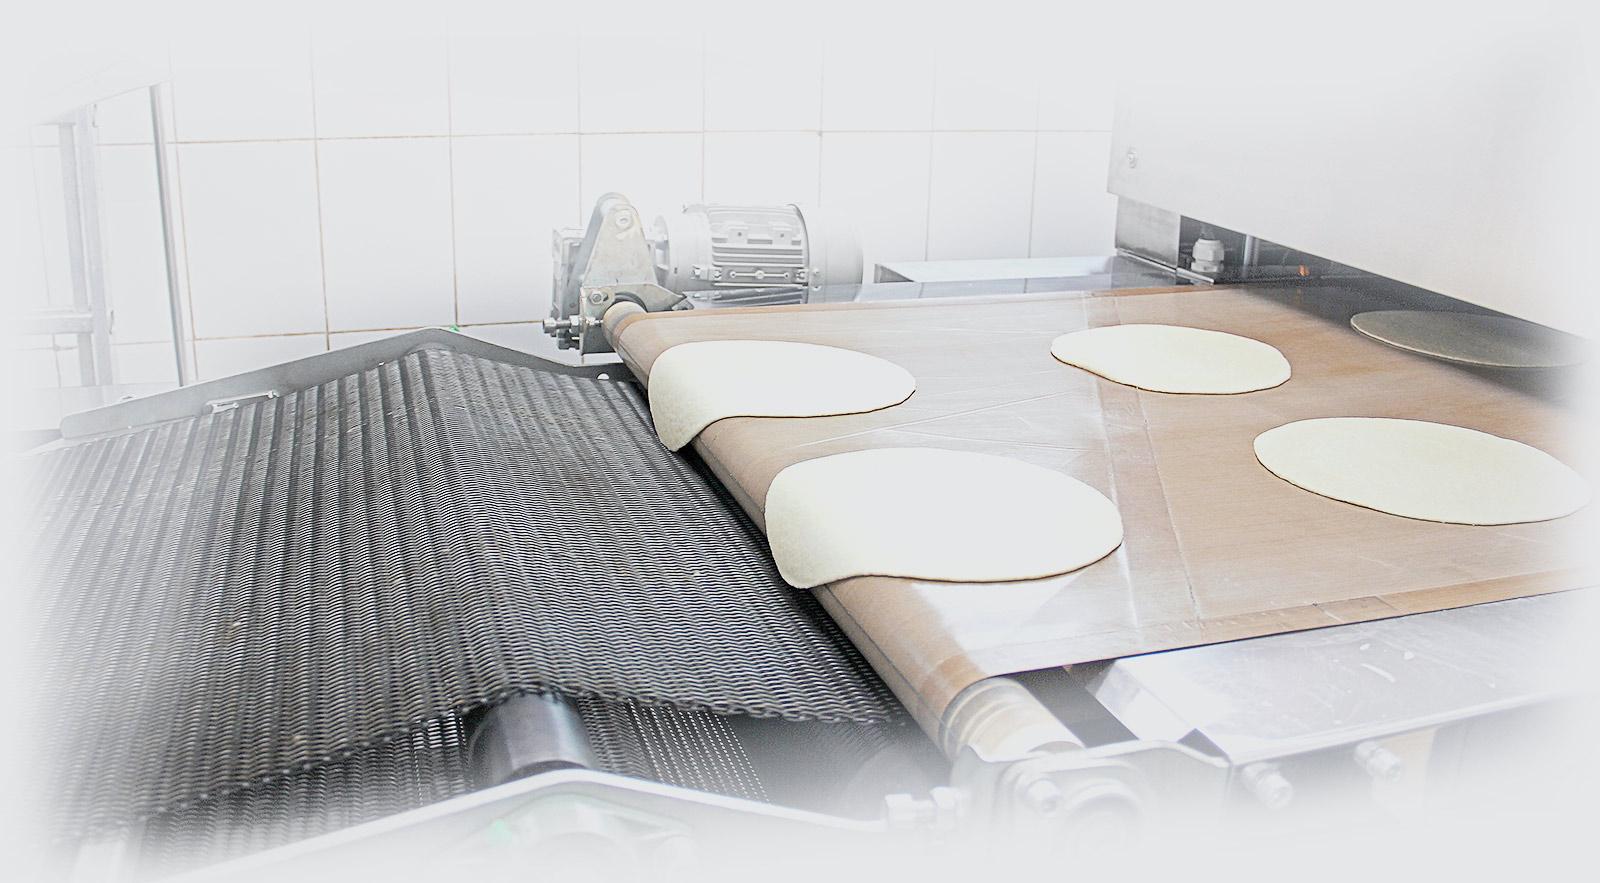 Tortilla production lines - foto №23